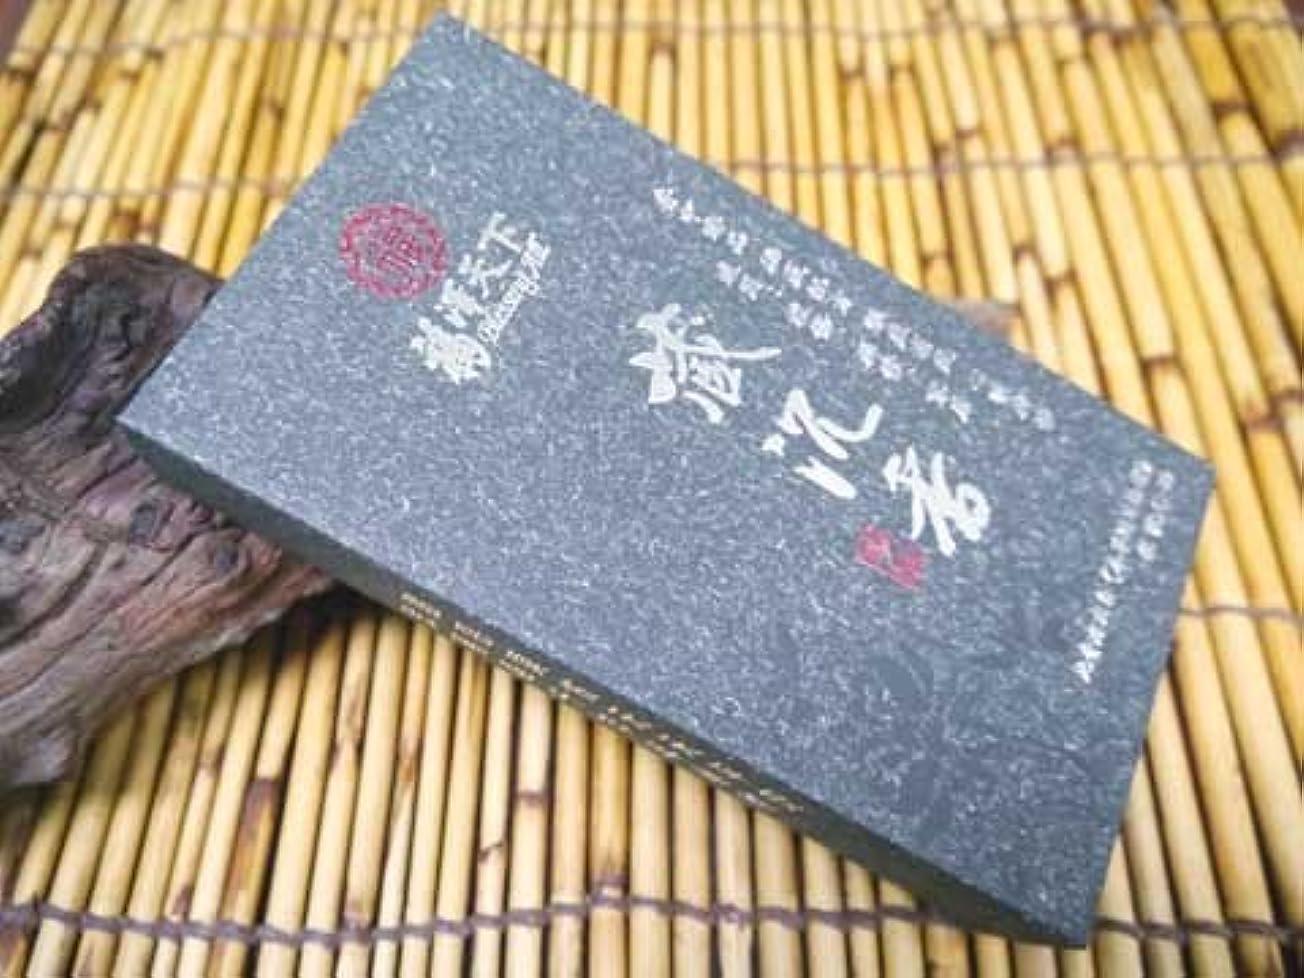 置換厚くする影のある福澤香行 中国廈門のお香【蔵沈香ボックス入り】福澤香行謹製